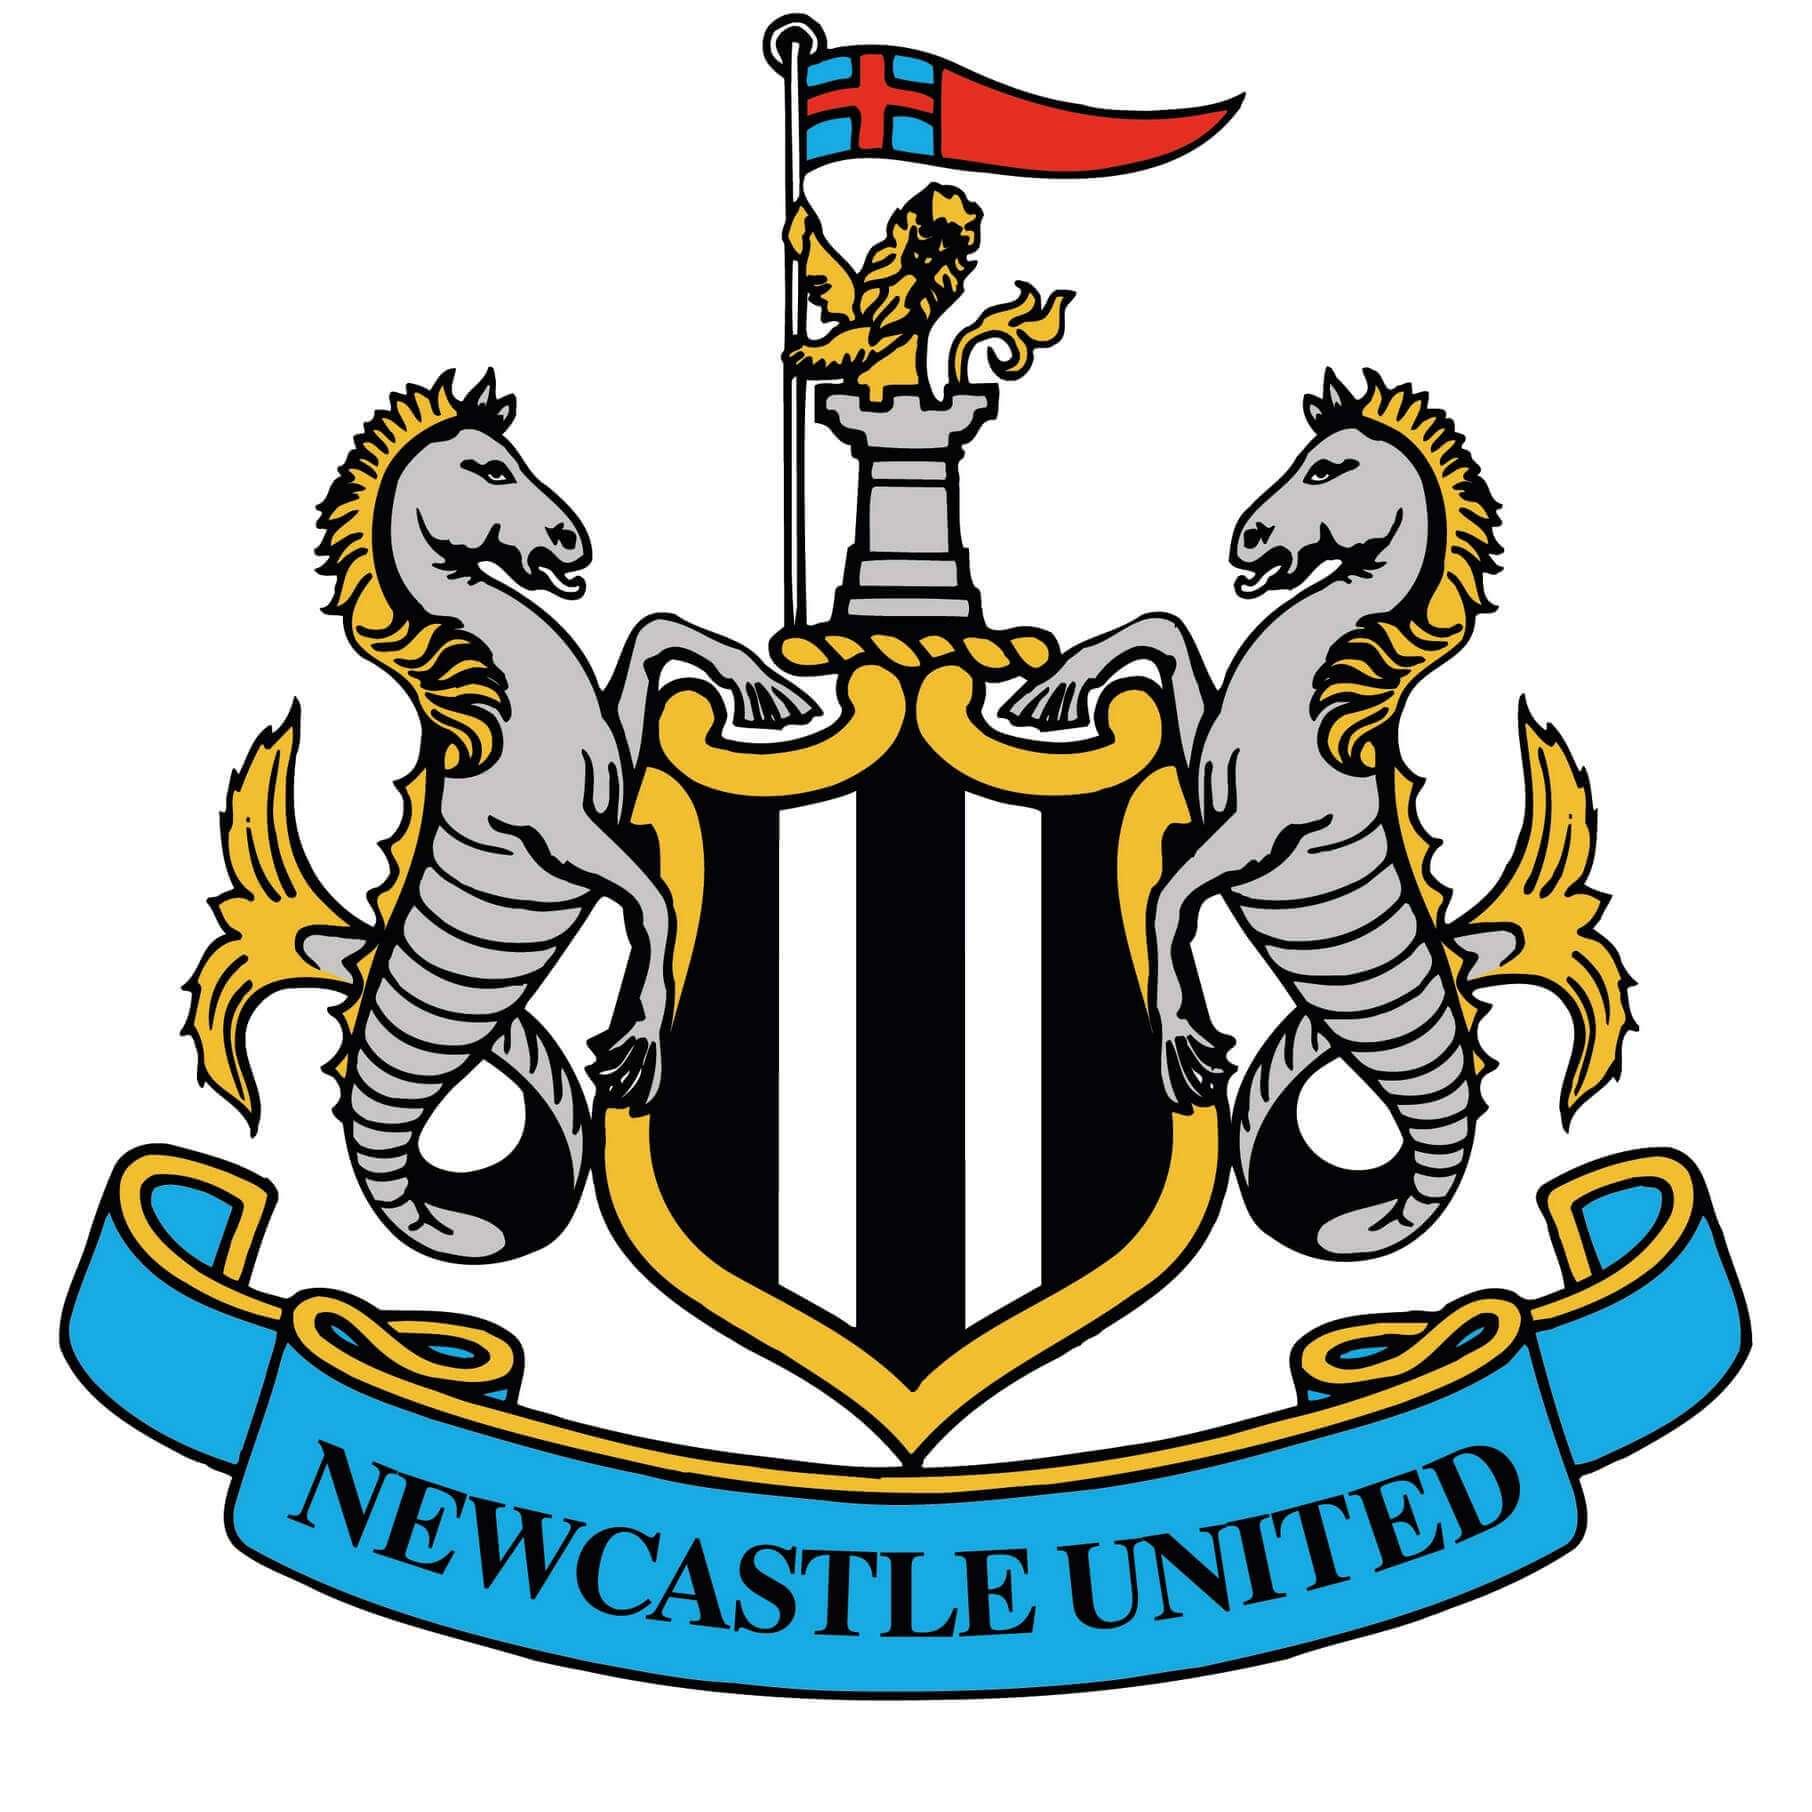 Newcastle-United-Football-Club-Logo